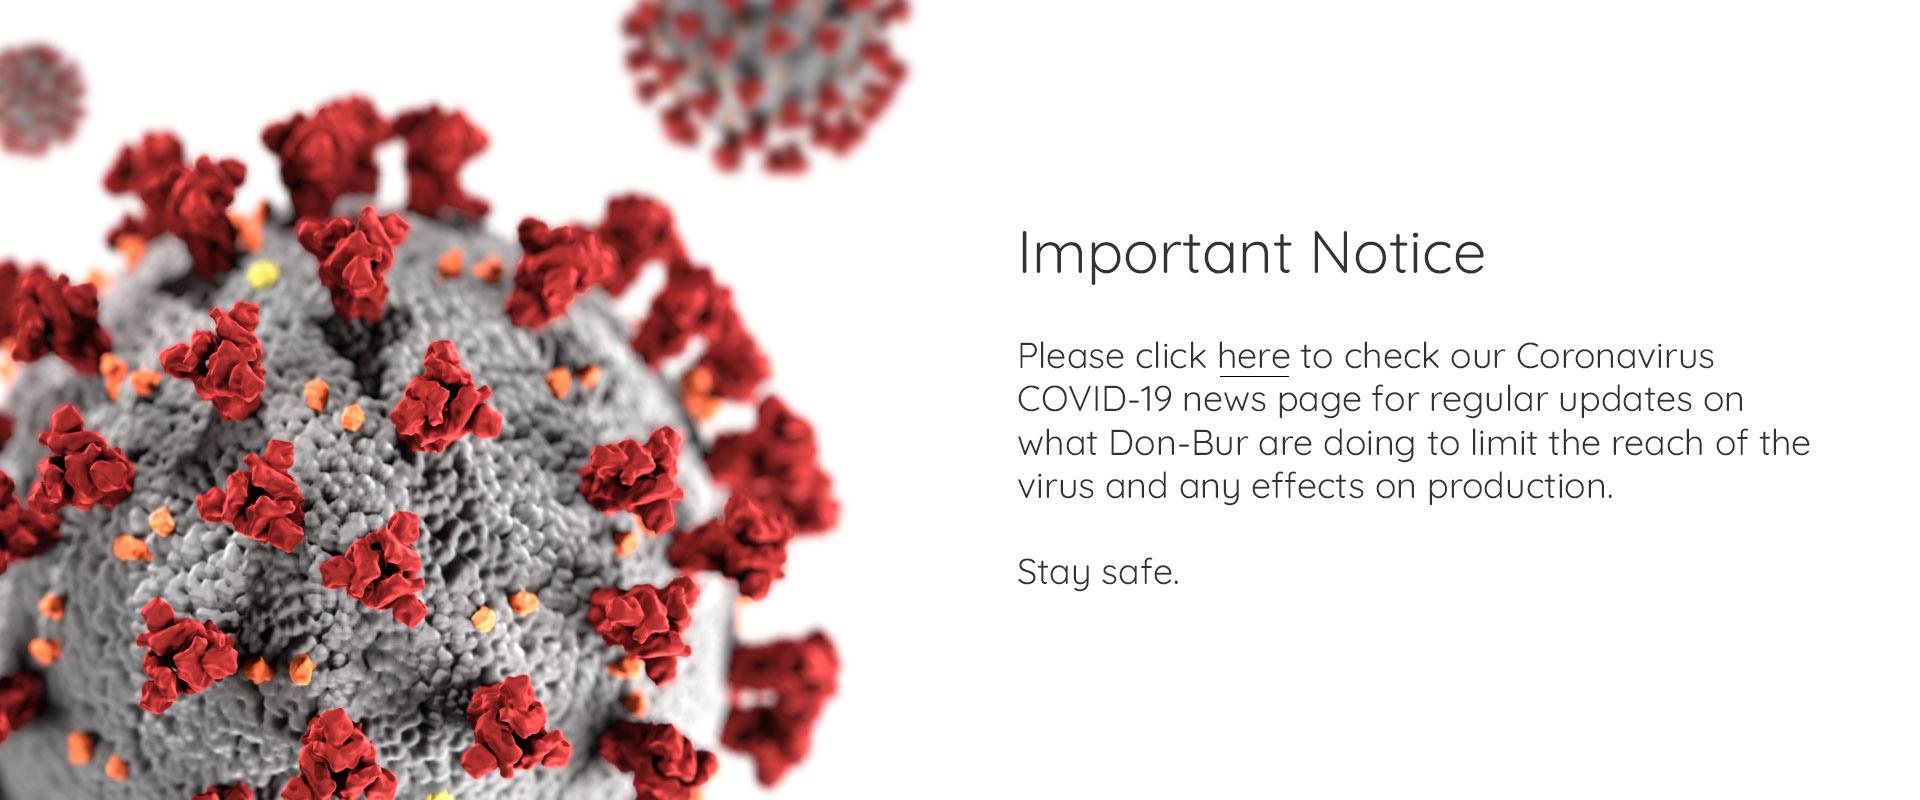 coronavirus notice